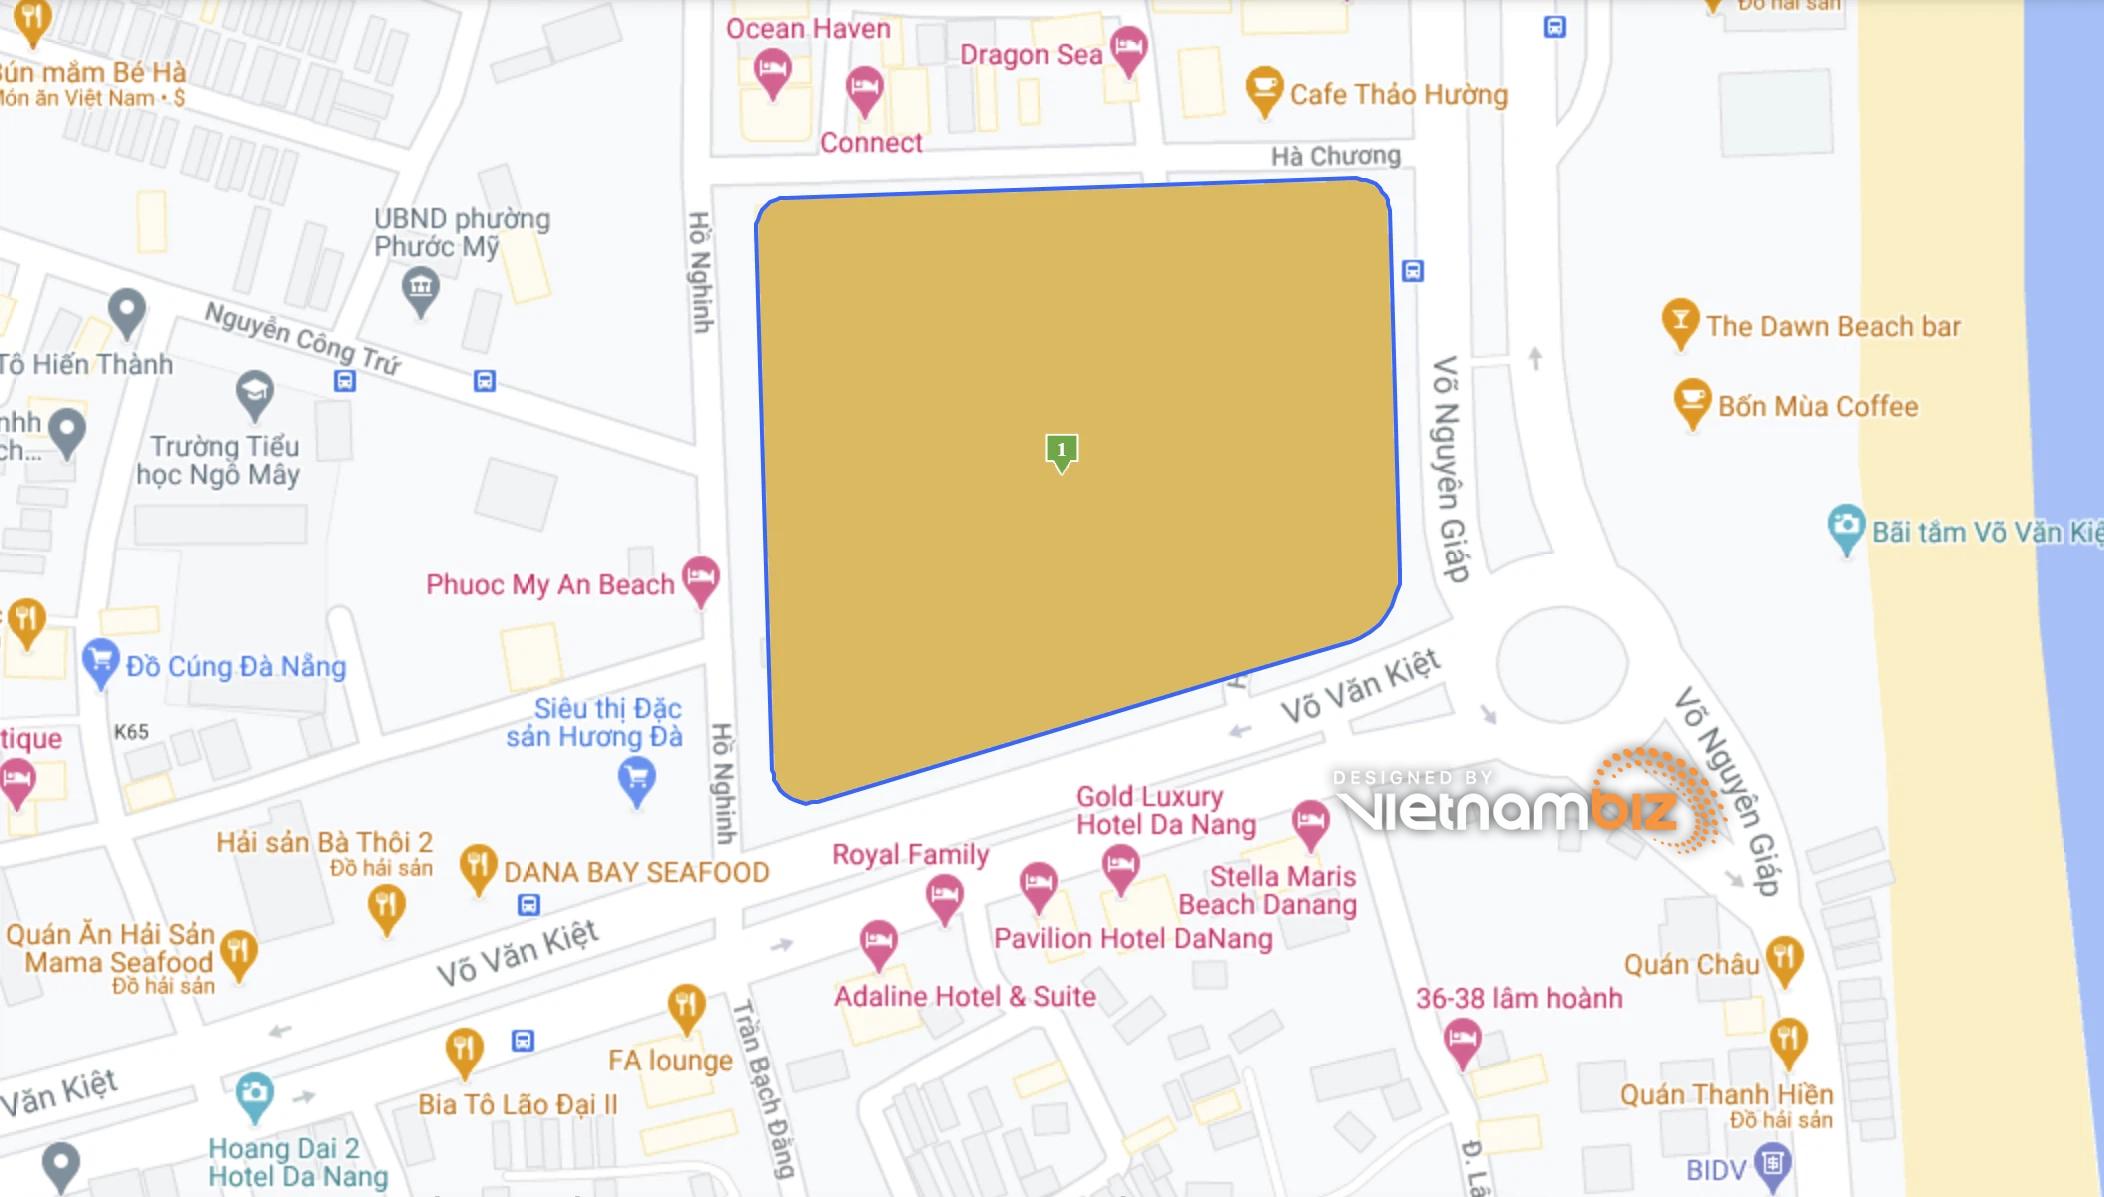 Hình ảnh 5 khu đất Đà Nẵng sẽ làm Khu phức hợp có casino và chung cư cao cấp 62 tầng - Ảnh 3.